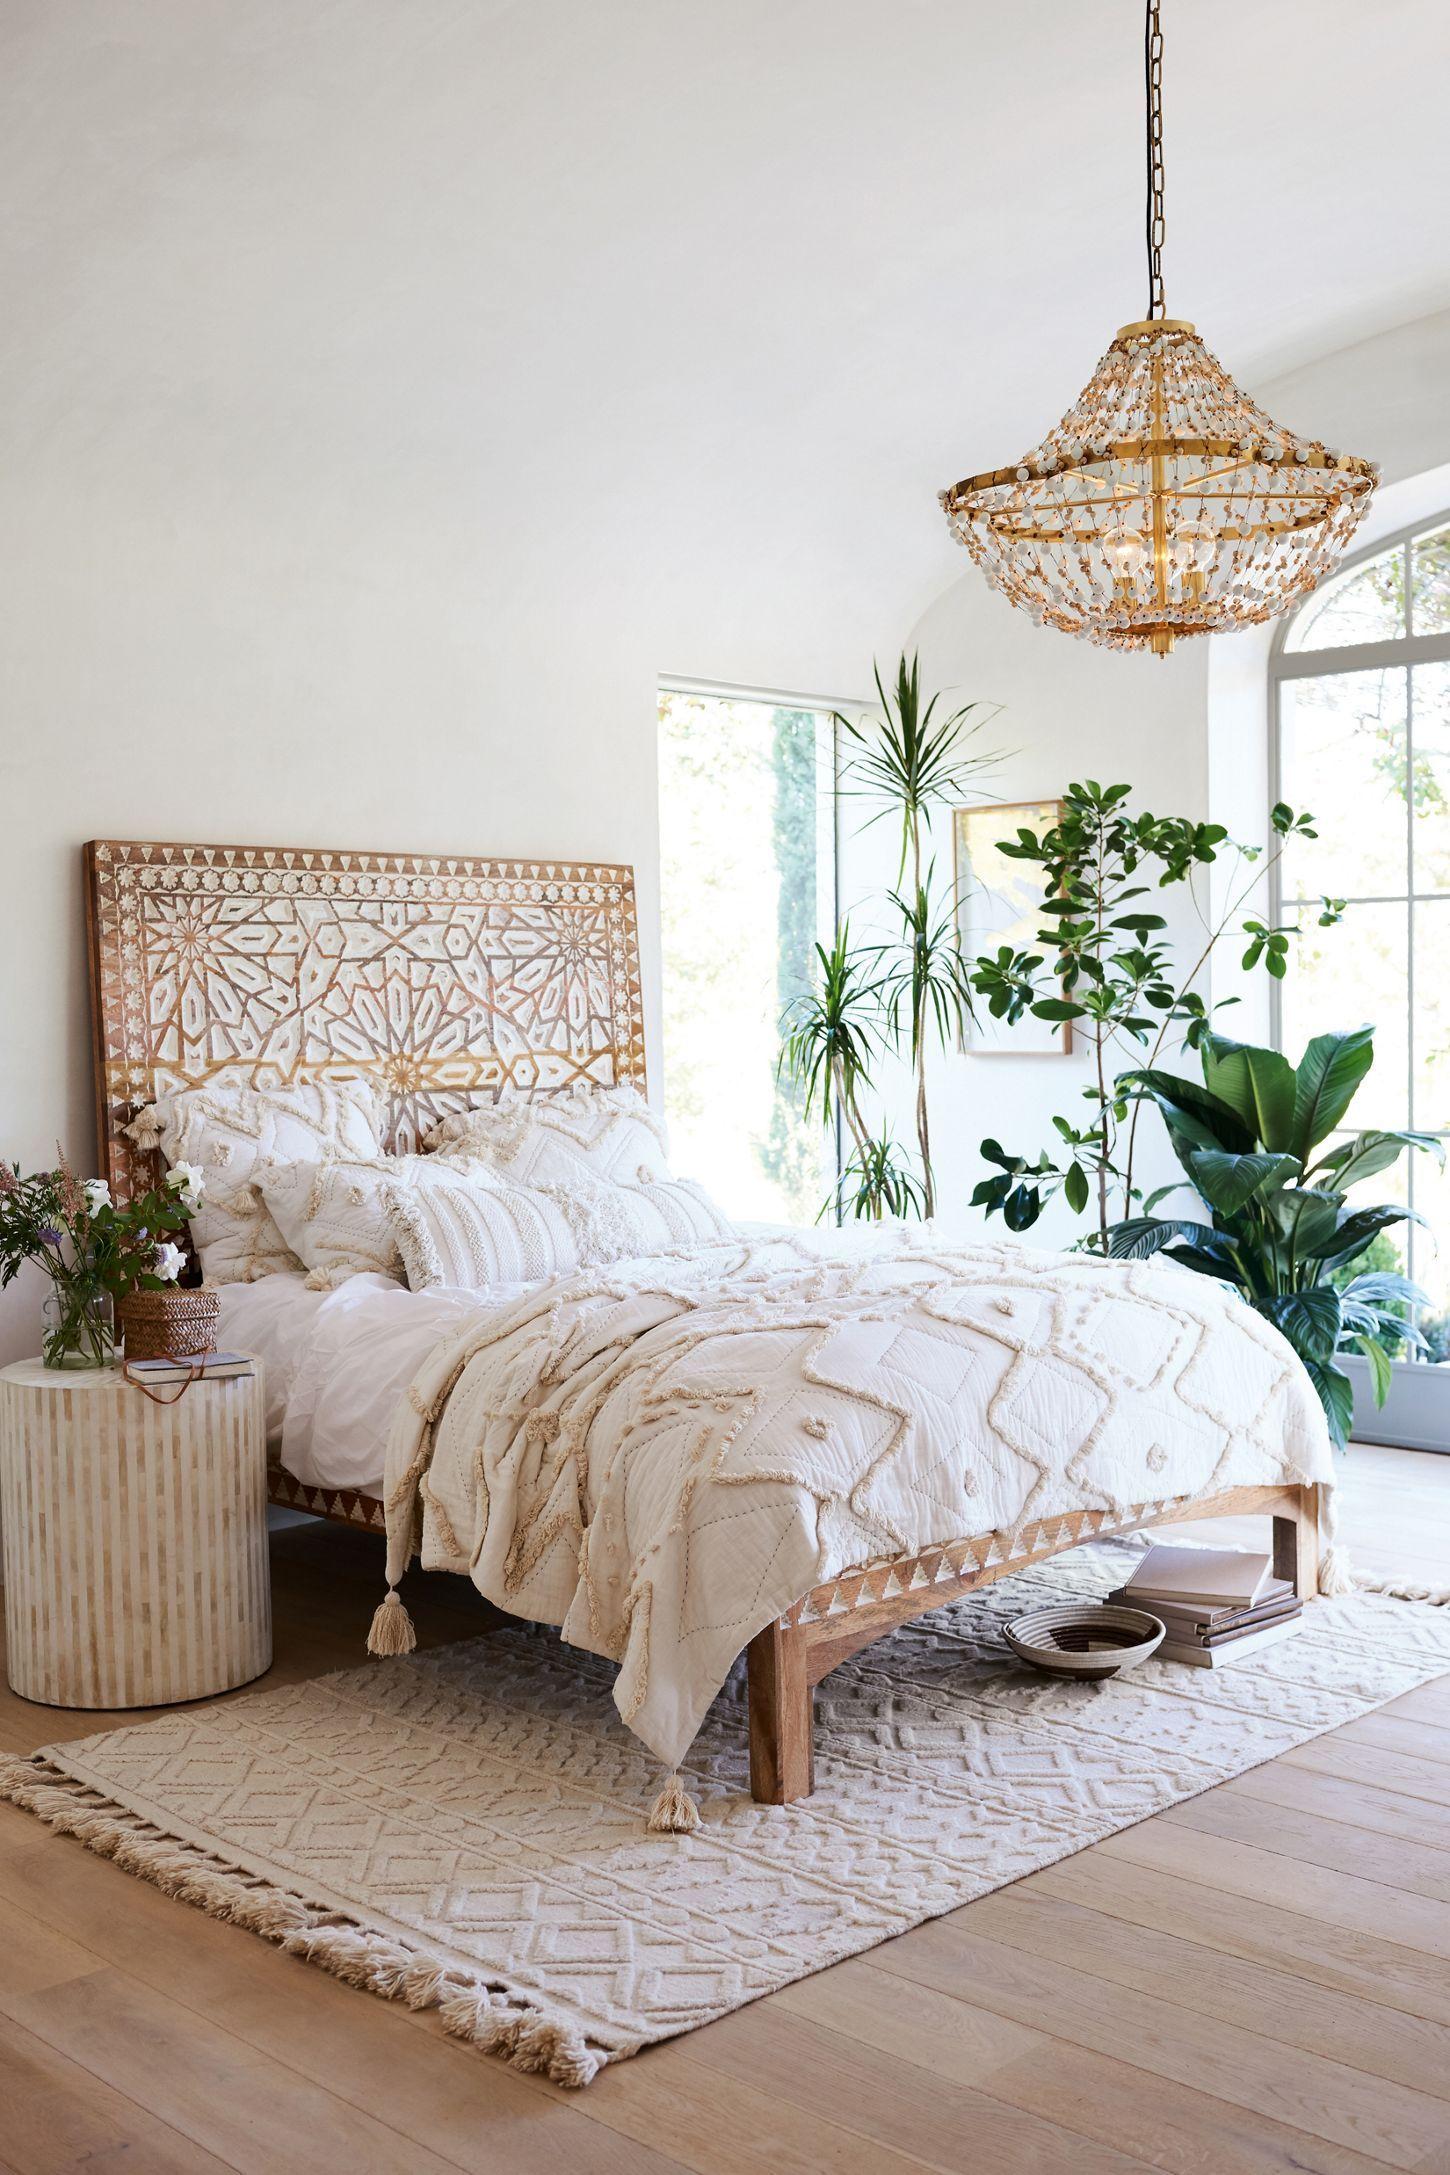 Textured Indira Pillow -  Slide View: 10: Textured Indira Pillow  - #colorfulhomedecor #homedecorchic #homedecordecoracion #homedecorinspiration #indira #pillow #textured